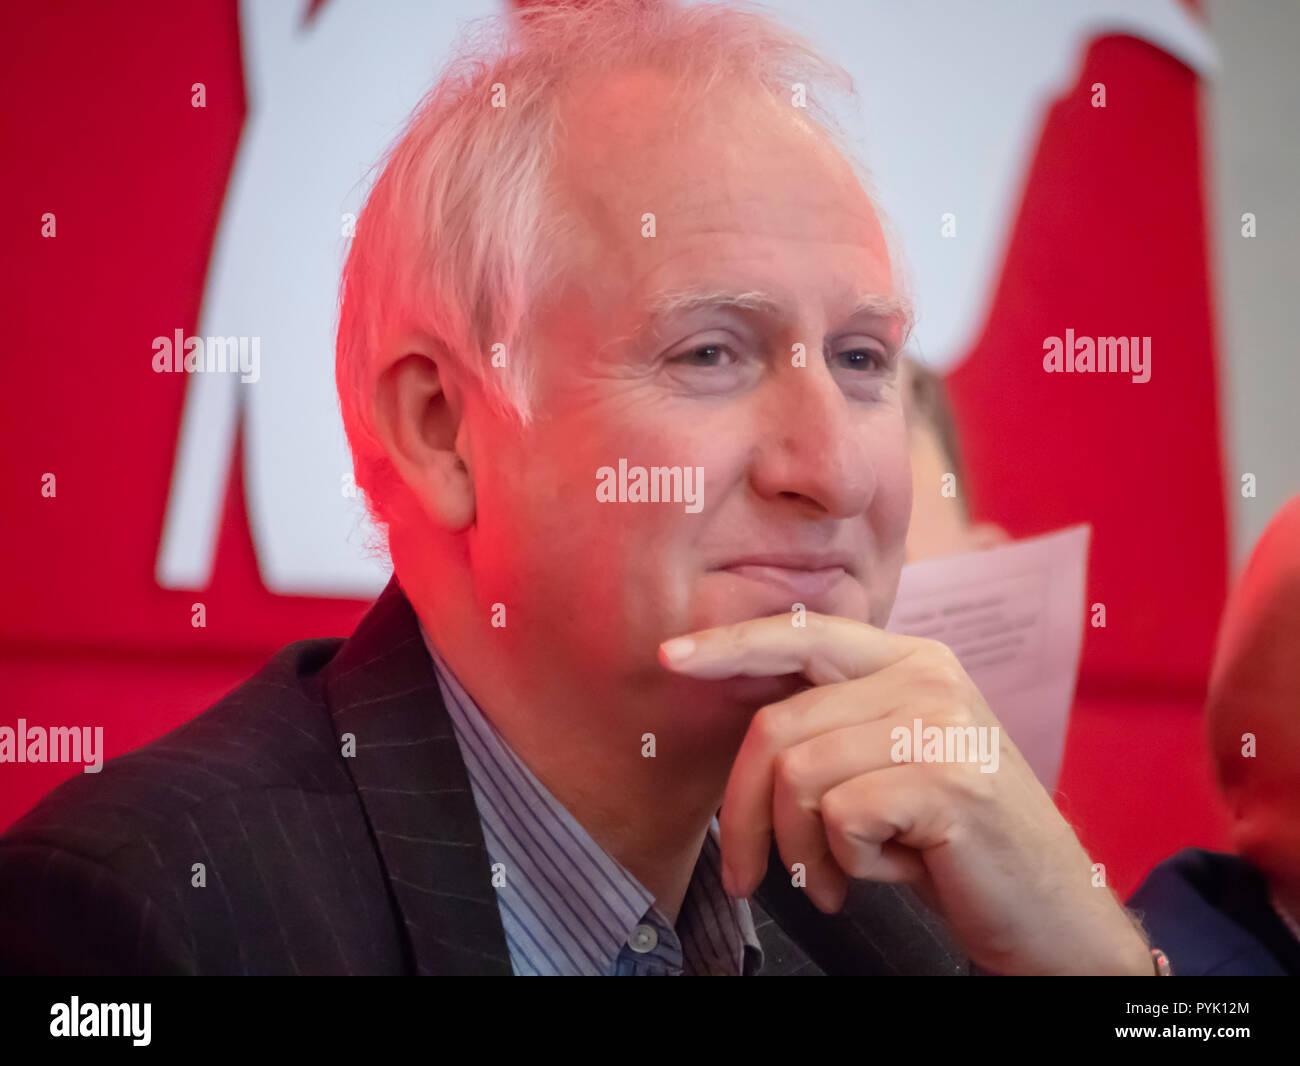 Norwich, UK. 28. Oktober 2018 Daniel Zeichner MP wartet auf den Arbeitsmarkt regionale Konferenz in Norwich Norfolk UK Credit: William Edwards/Alamy Leben Nachrichten zu sprechen Stockbild